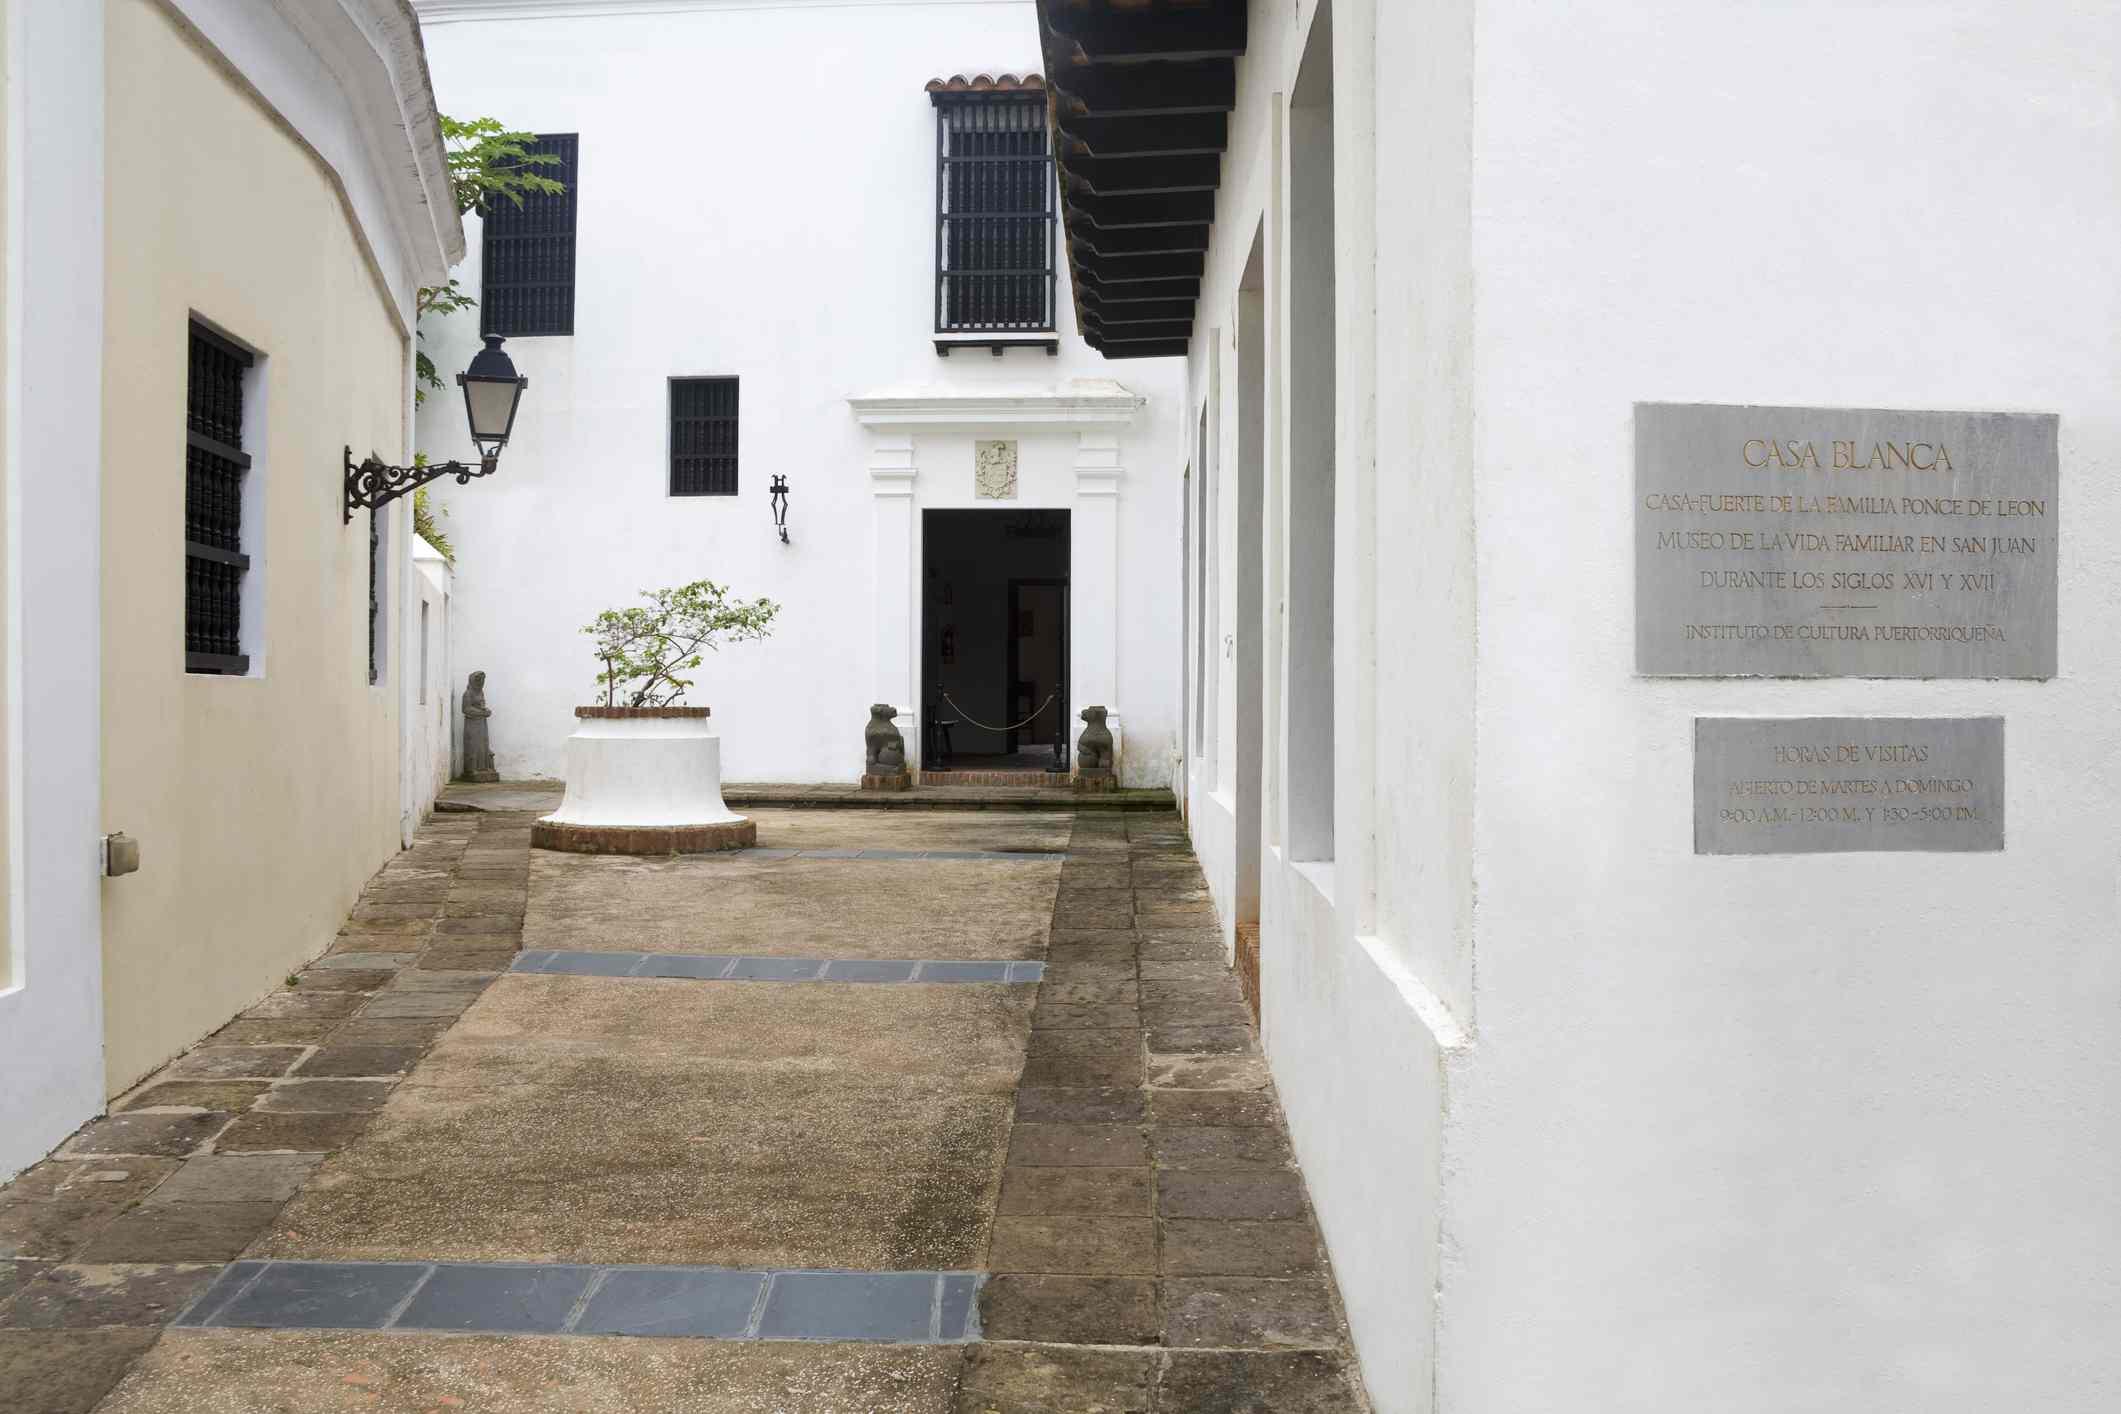 Casa Blanca Museum in Old San Juan